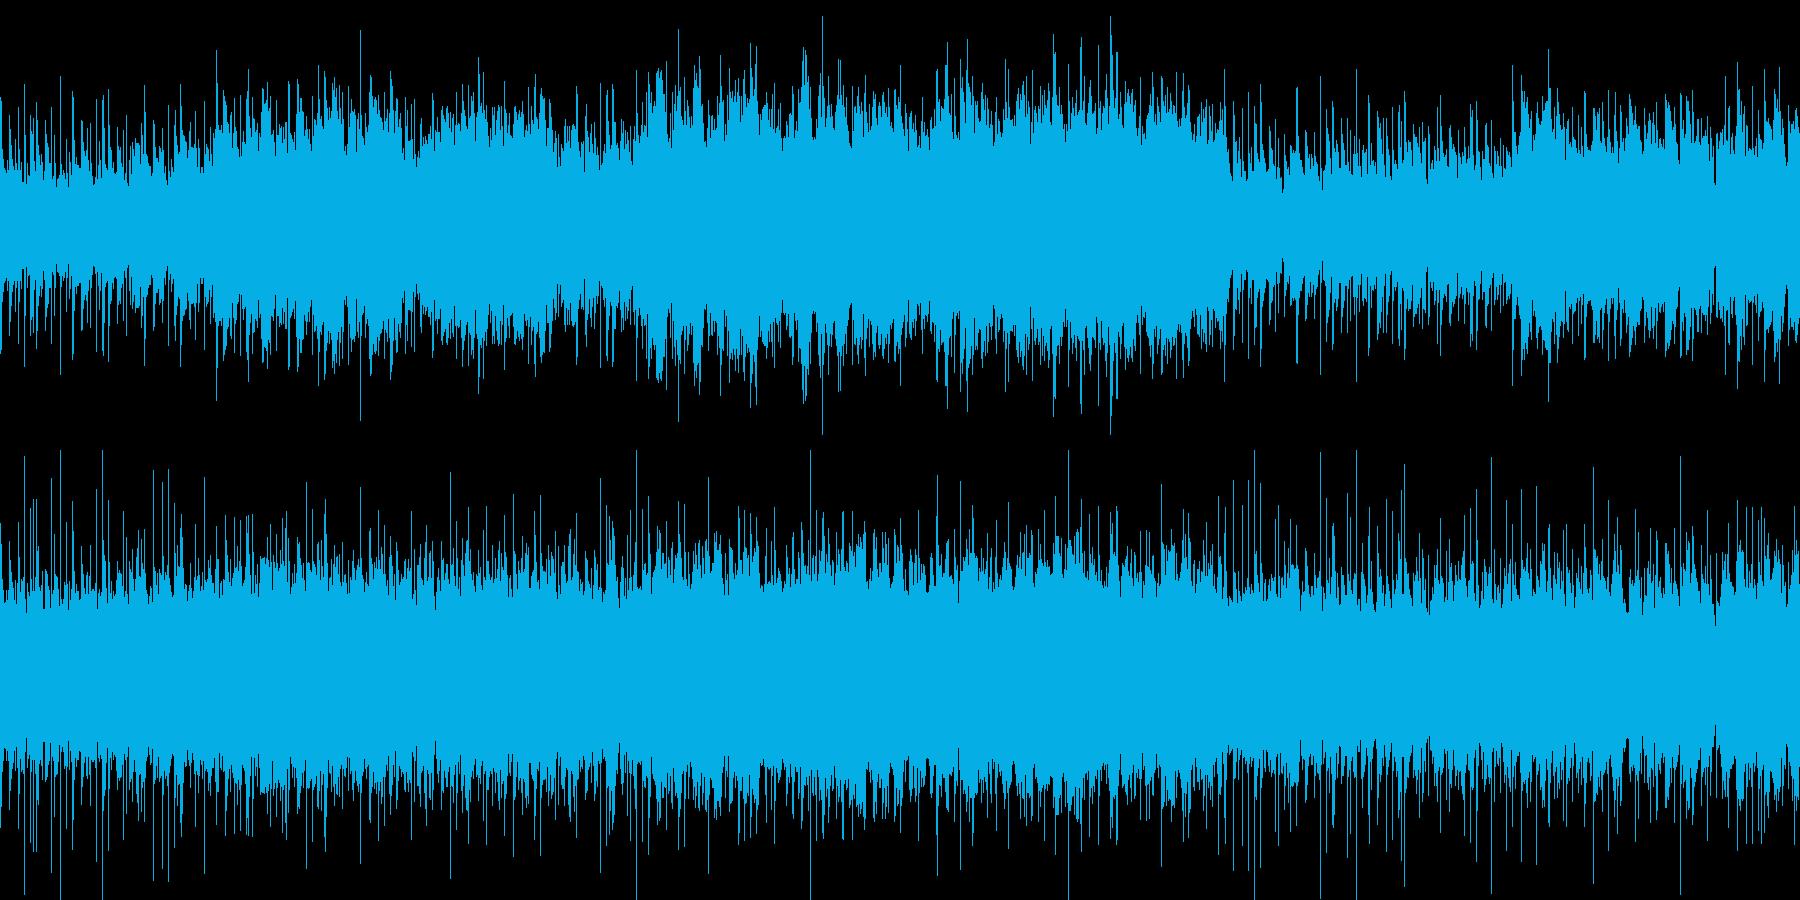 ループ 荒廃した砂漠のエスニックBGMの再生済みの波形